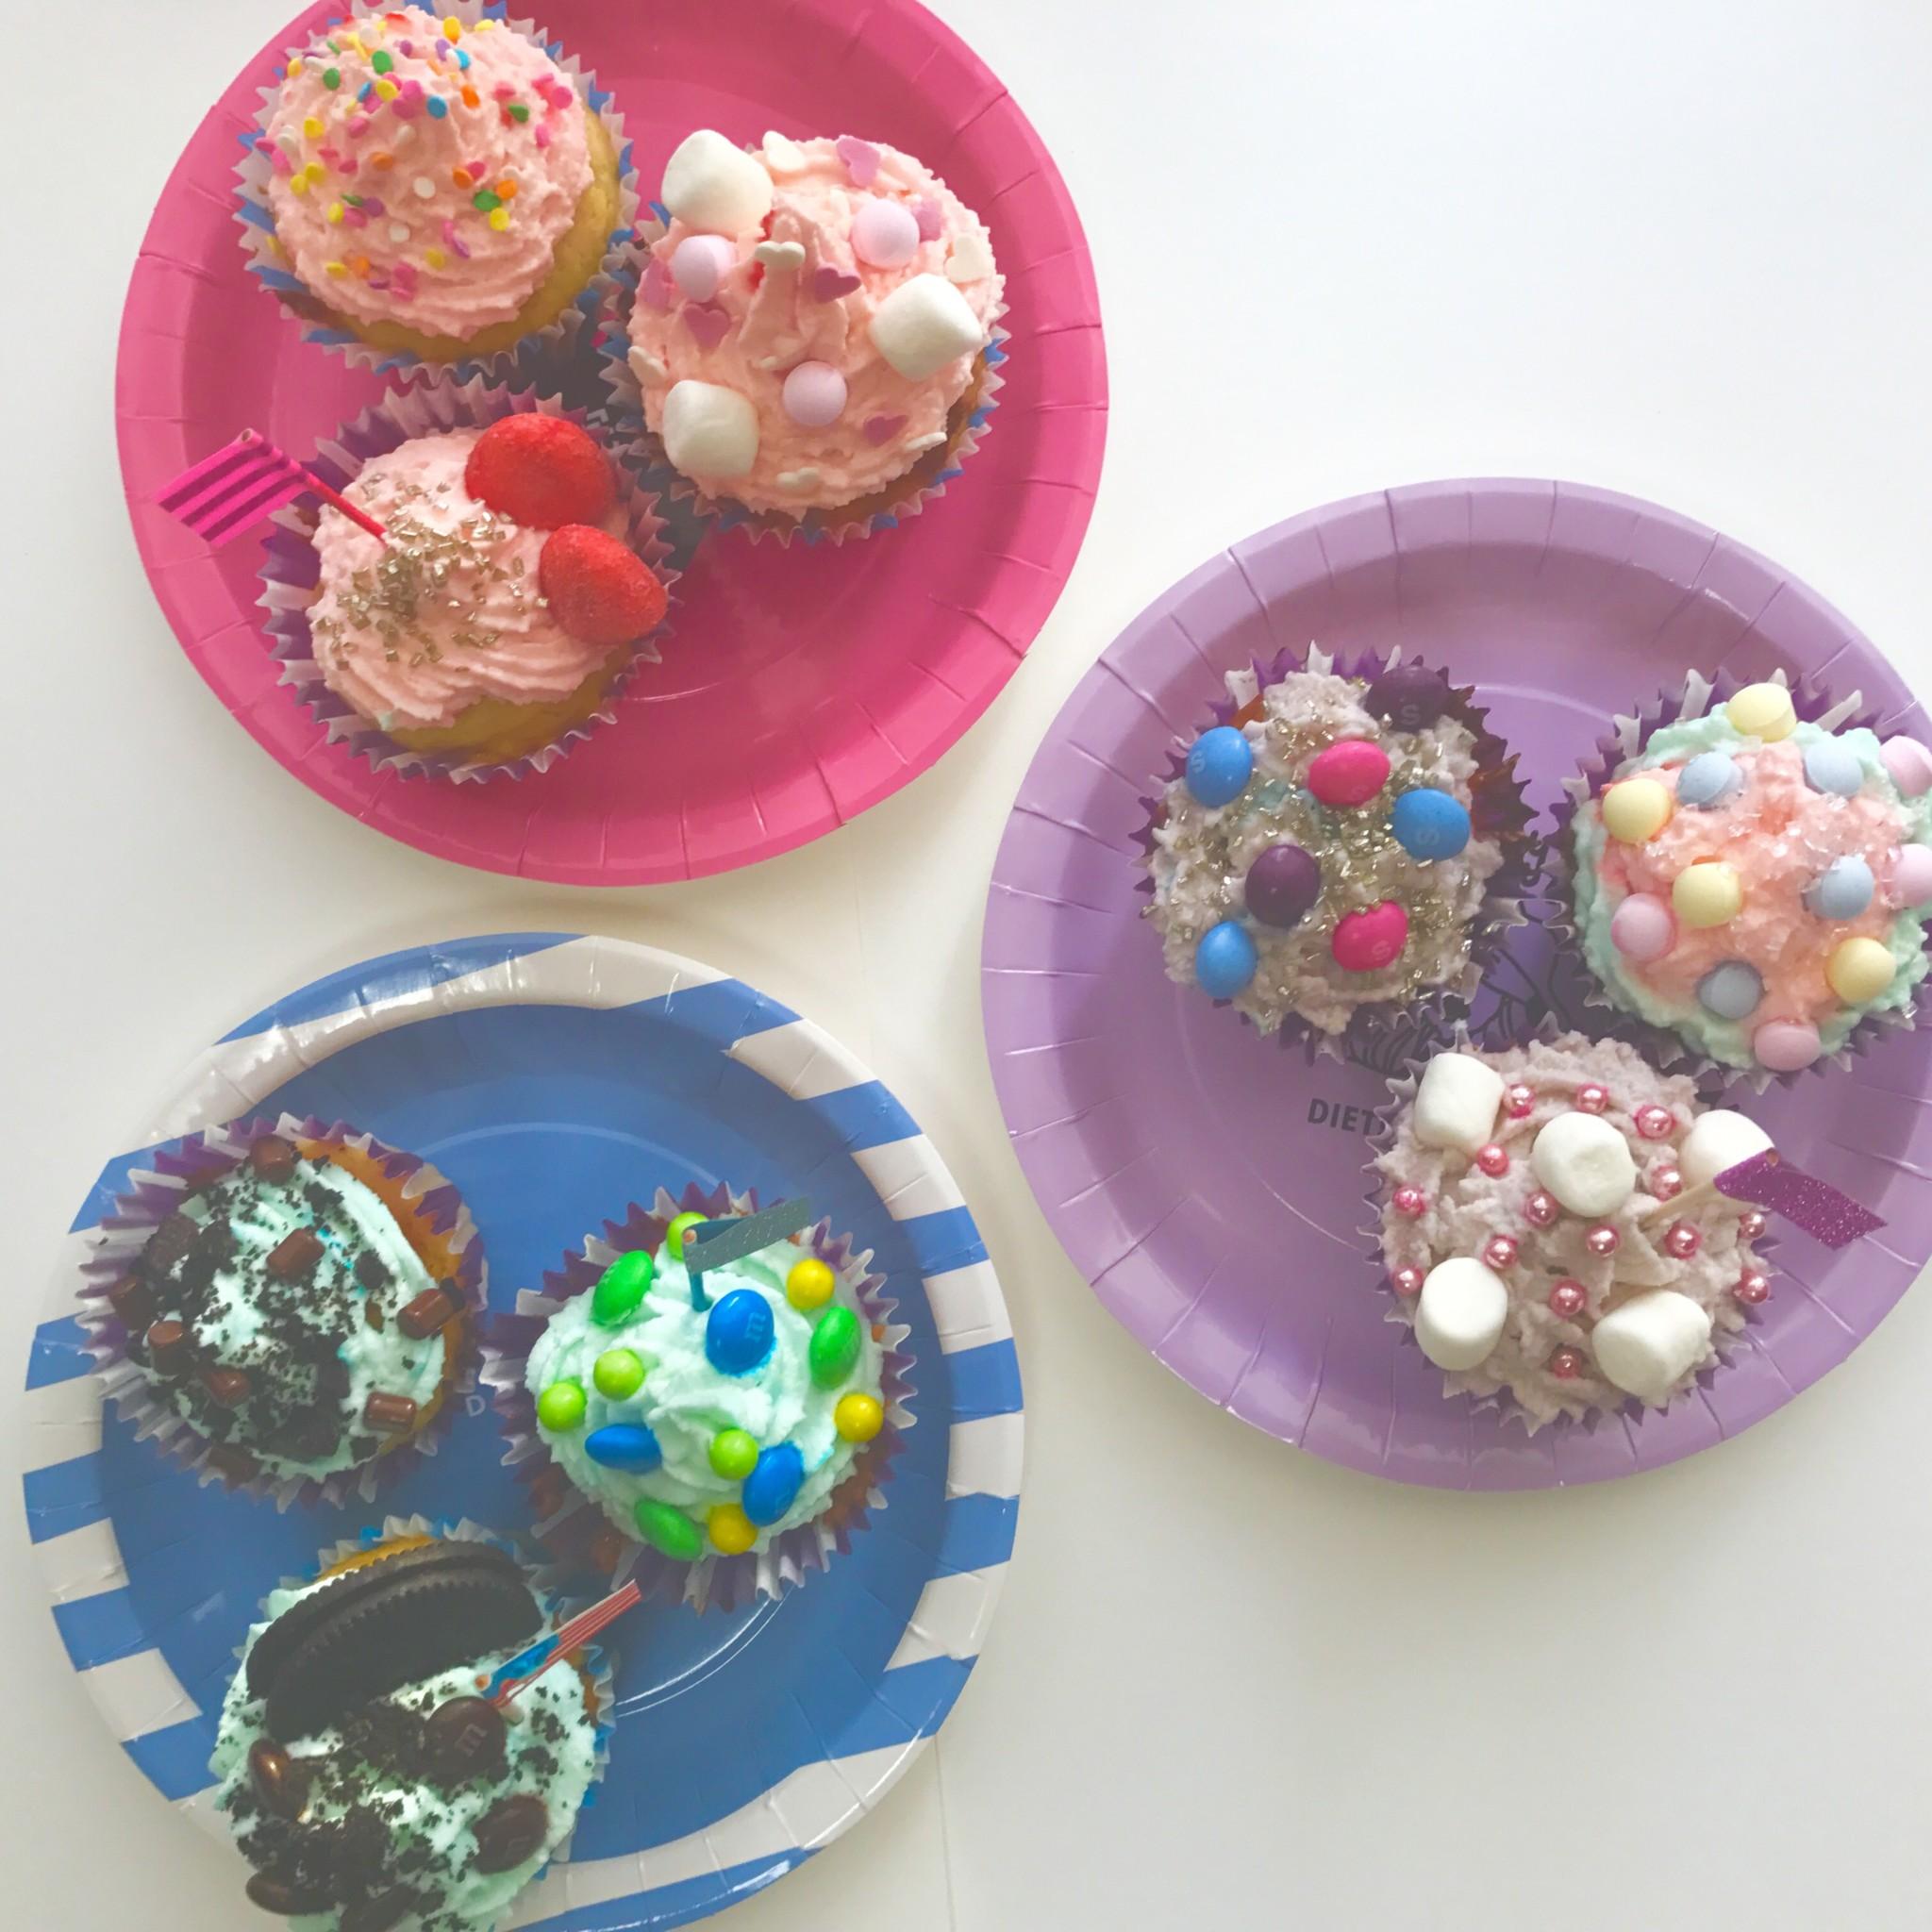 海外風*可愛いカラフルカップケーキのデコレーションアイデア